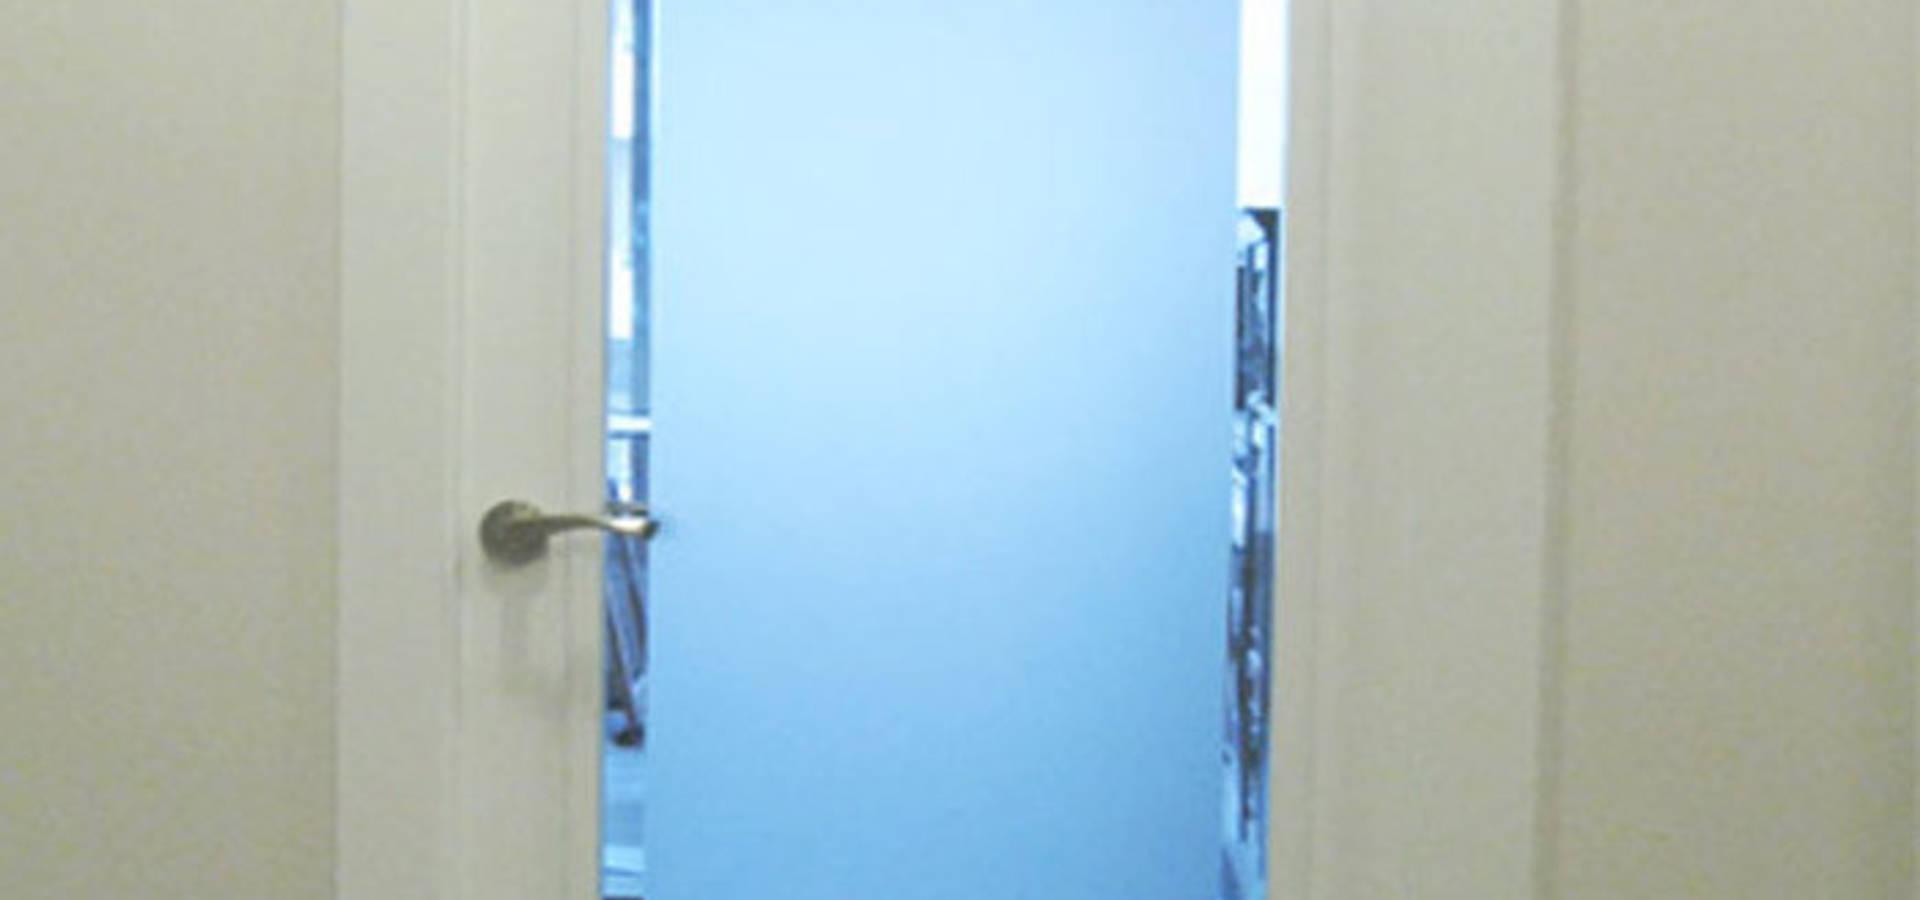 Puertas blindadas a medida con cristal de seguridad de r for Puertas a medida